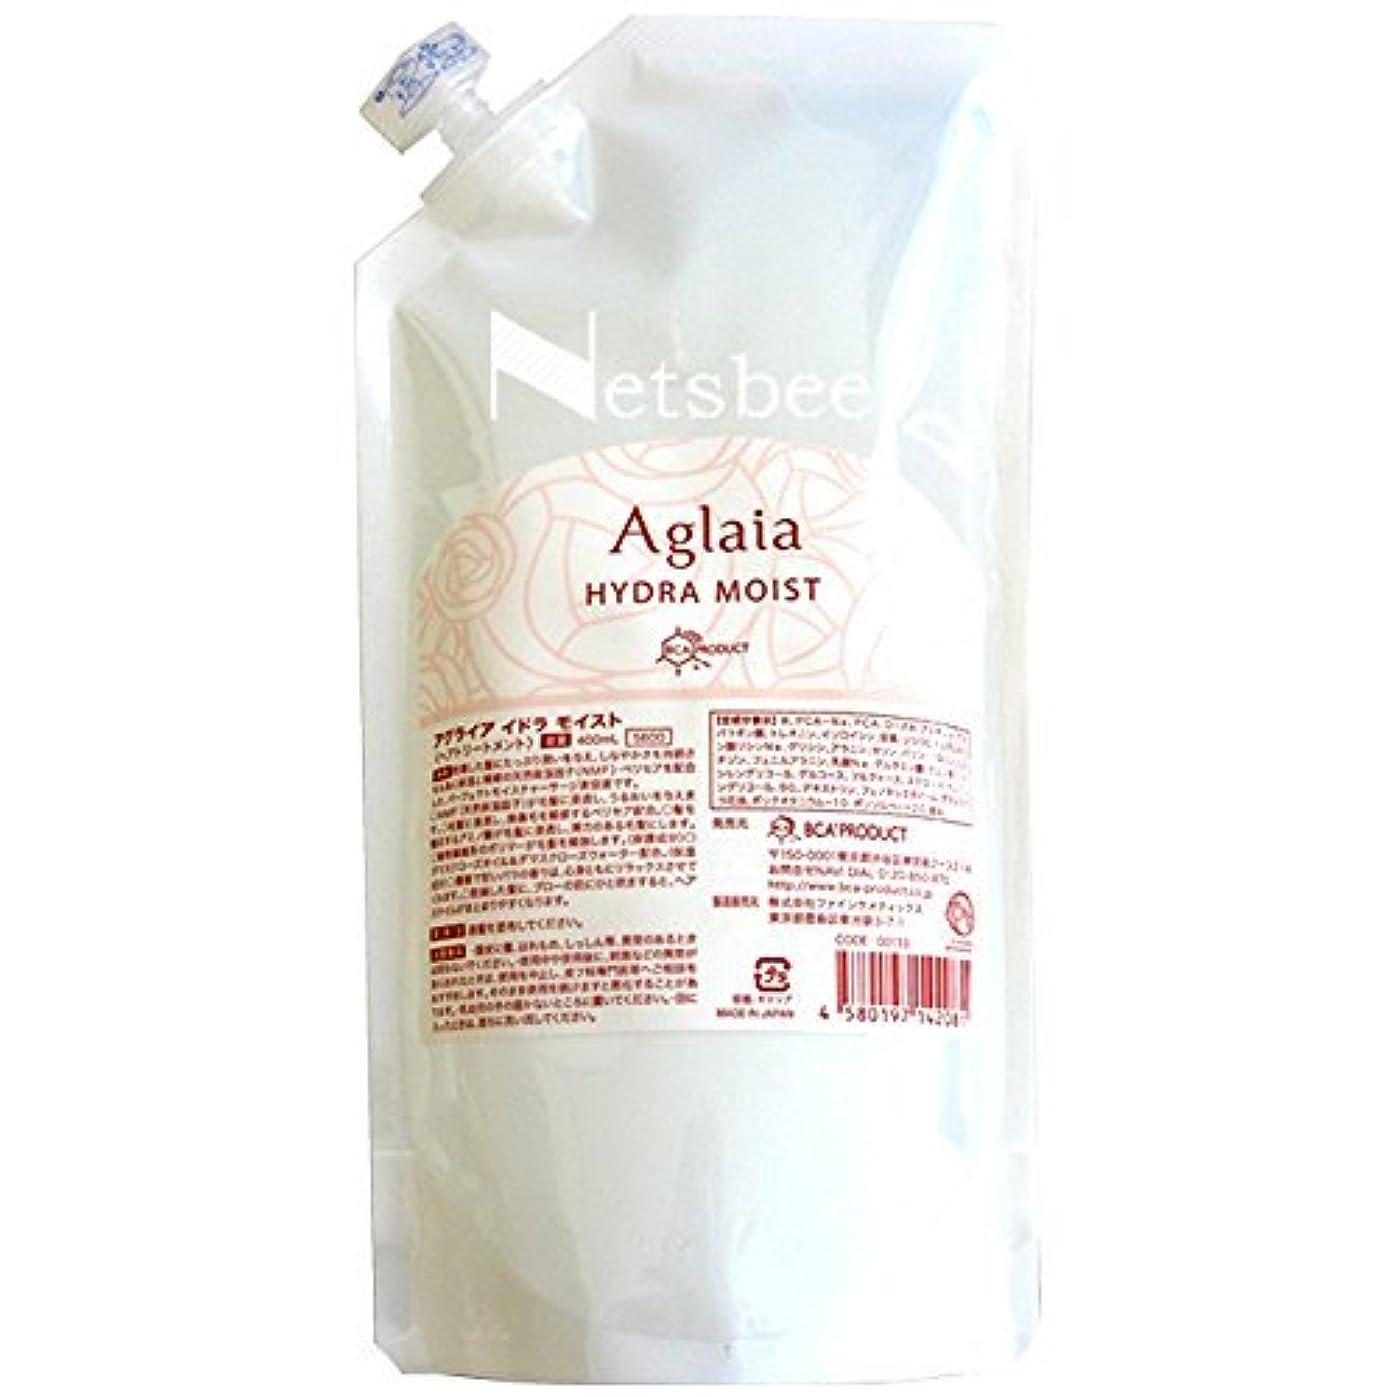 配管つかまえる致命的アグライア イドラモイスト(Aglaia HYDRA MOIST) 400ml